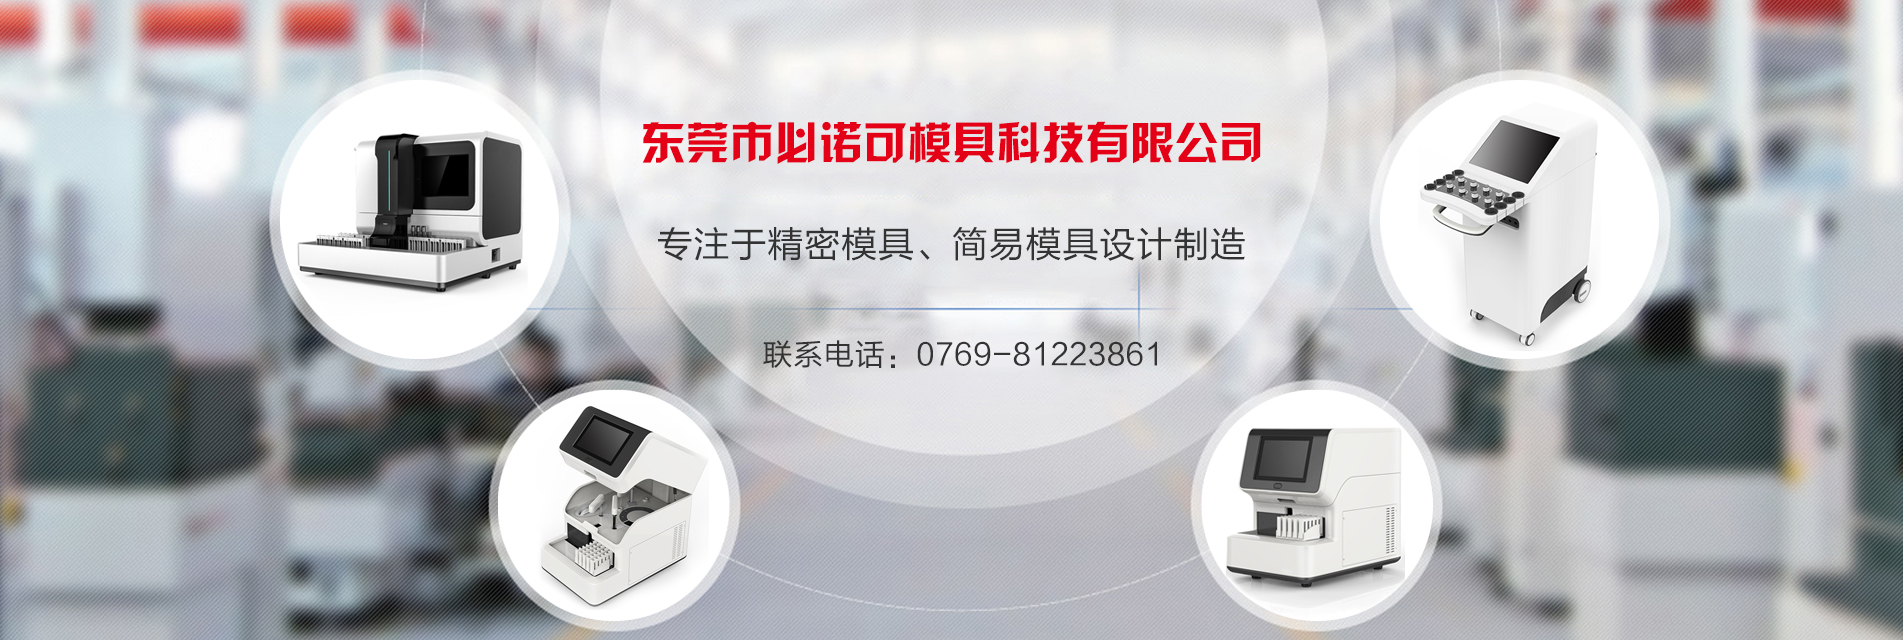 长沙专业设计医疗机箱外壳价格优质推荐